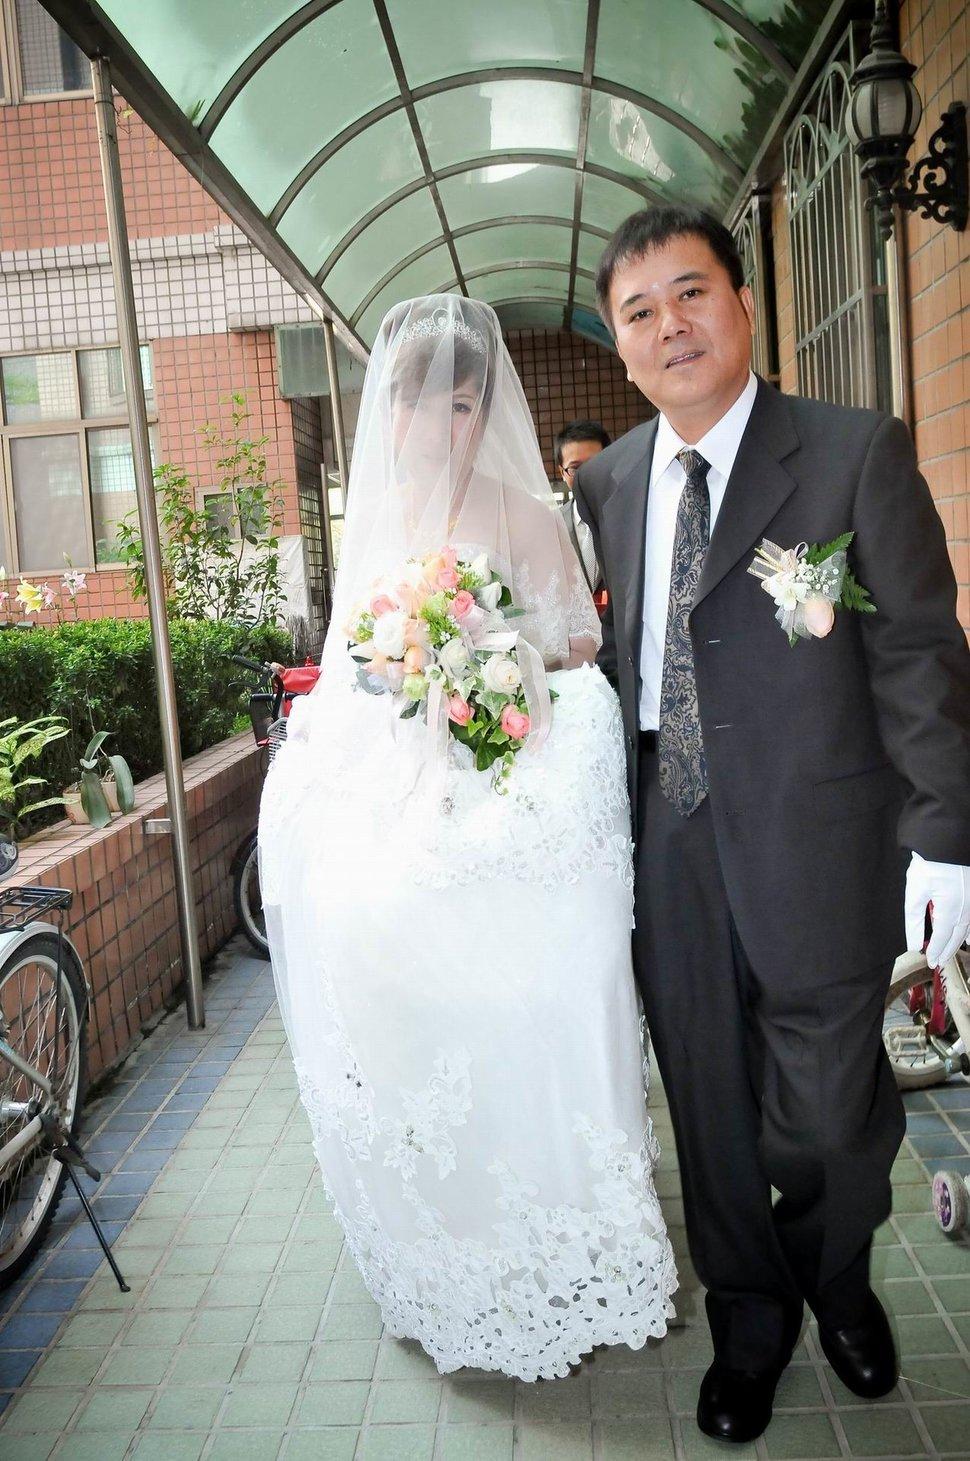 專業婚攝婚禮紀錄婚禮紀錄專業錄影婚禮錄影婚禮記錄動態微電影錄影專業錄影平面攝影婚攝婚禮主持人(編號:280457) - 蜜月拍照10800錄影12800攝影團隊 - 結婚吧